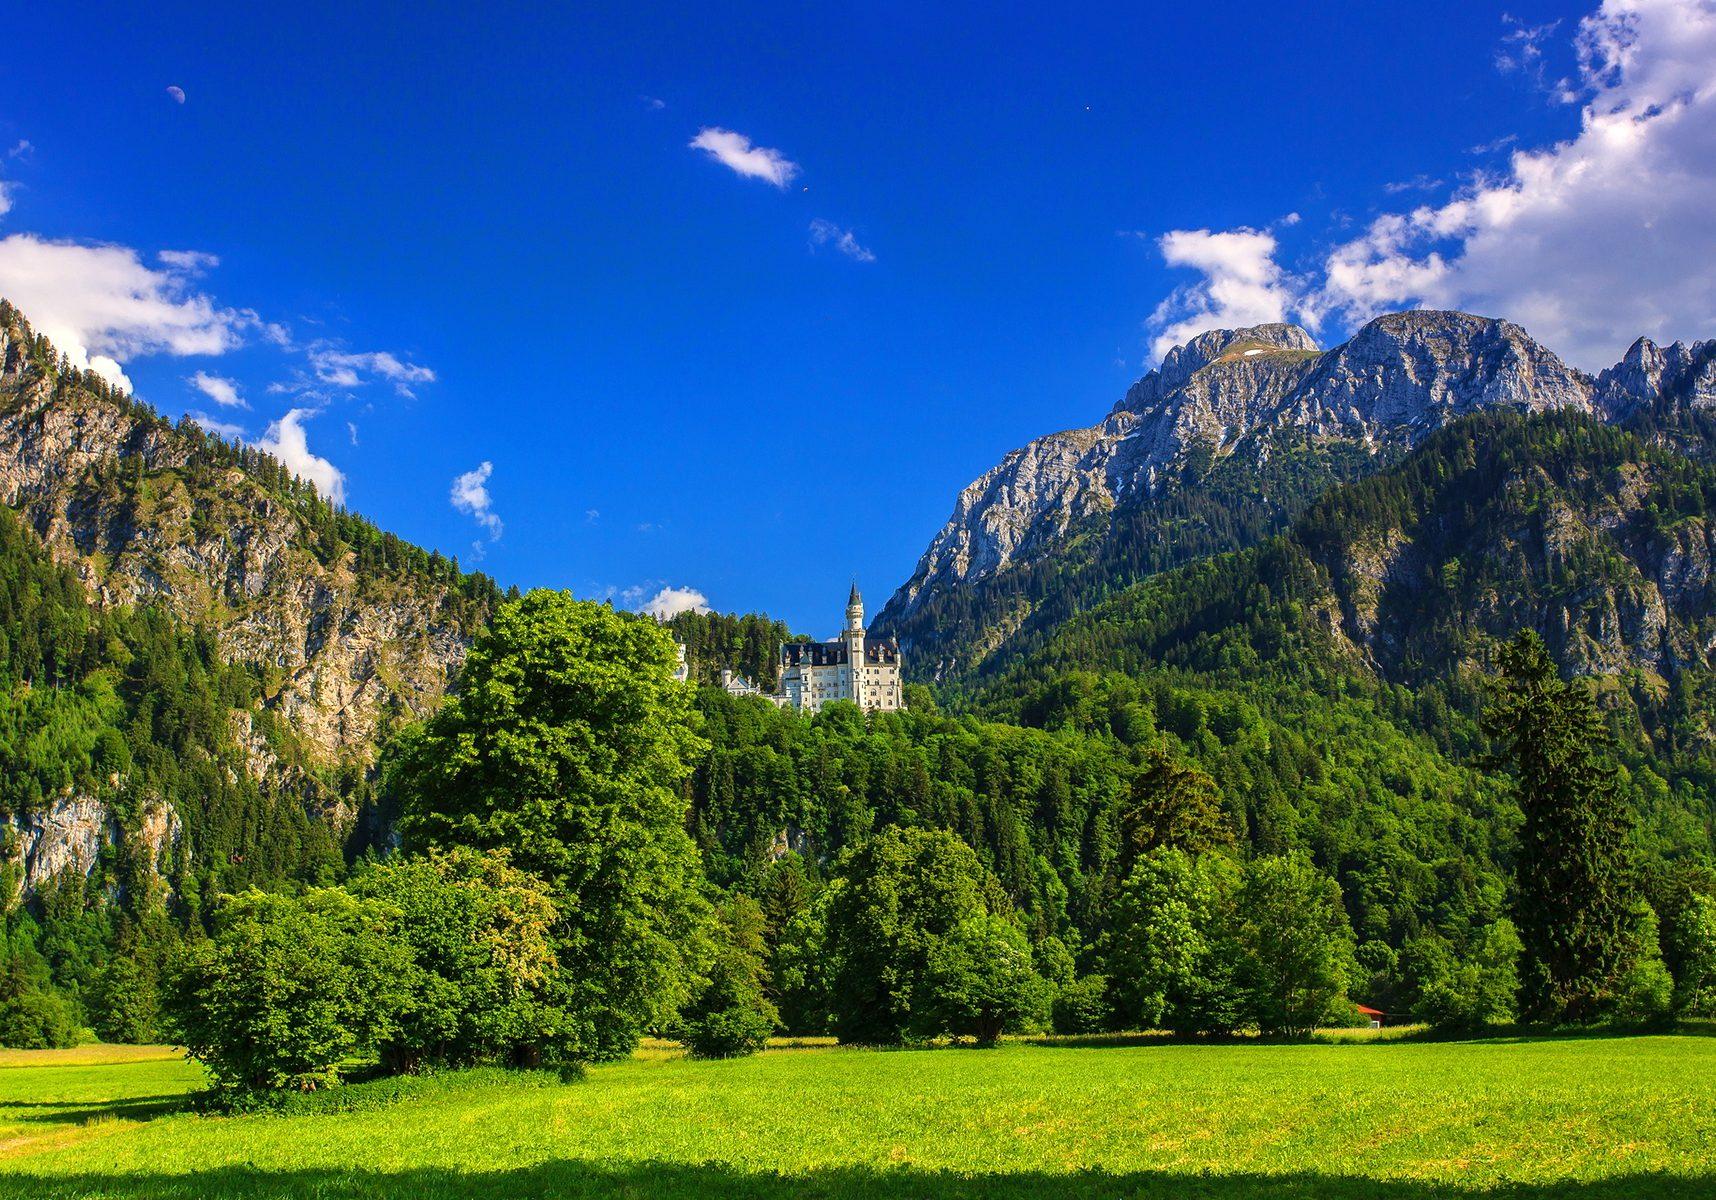 6996771-castle-neuschwanstein-bavaria